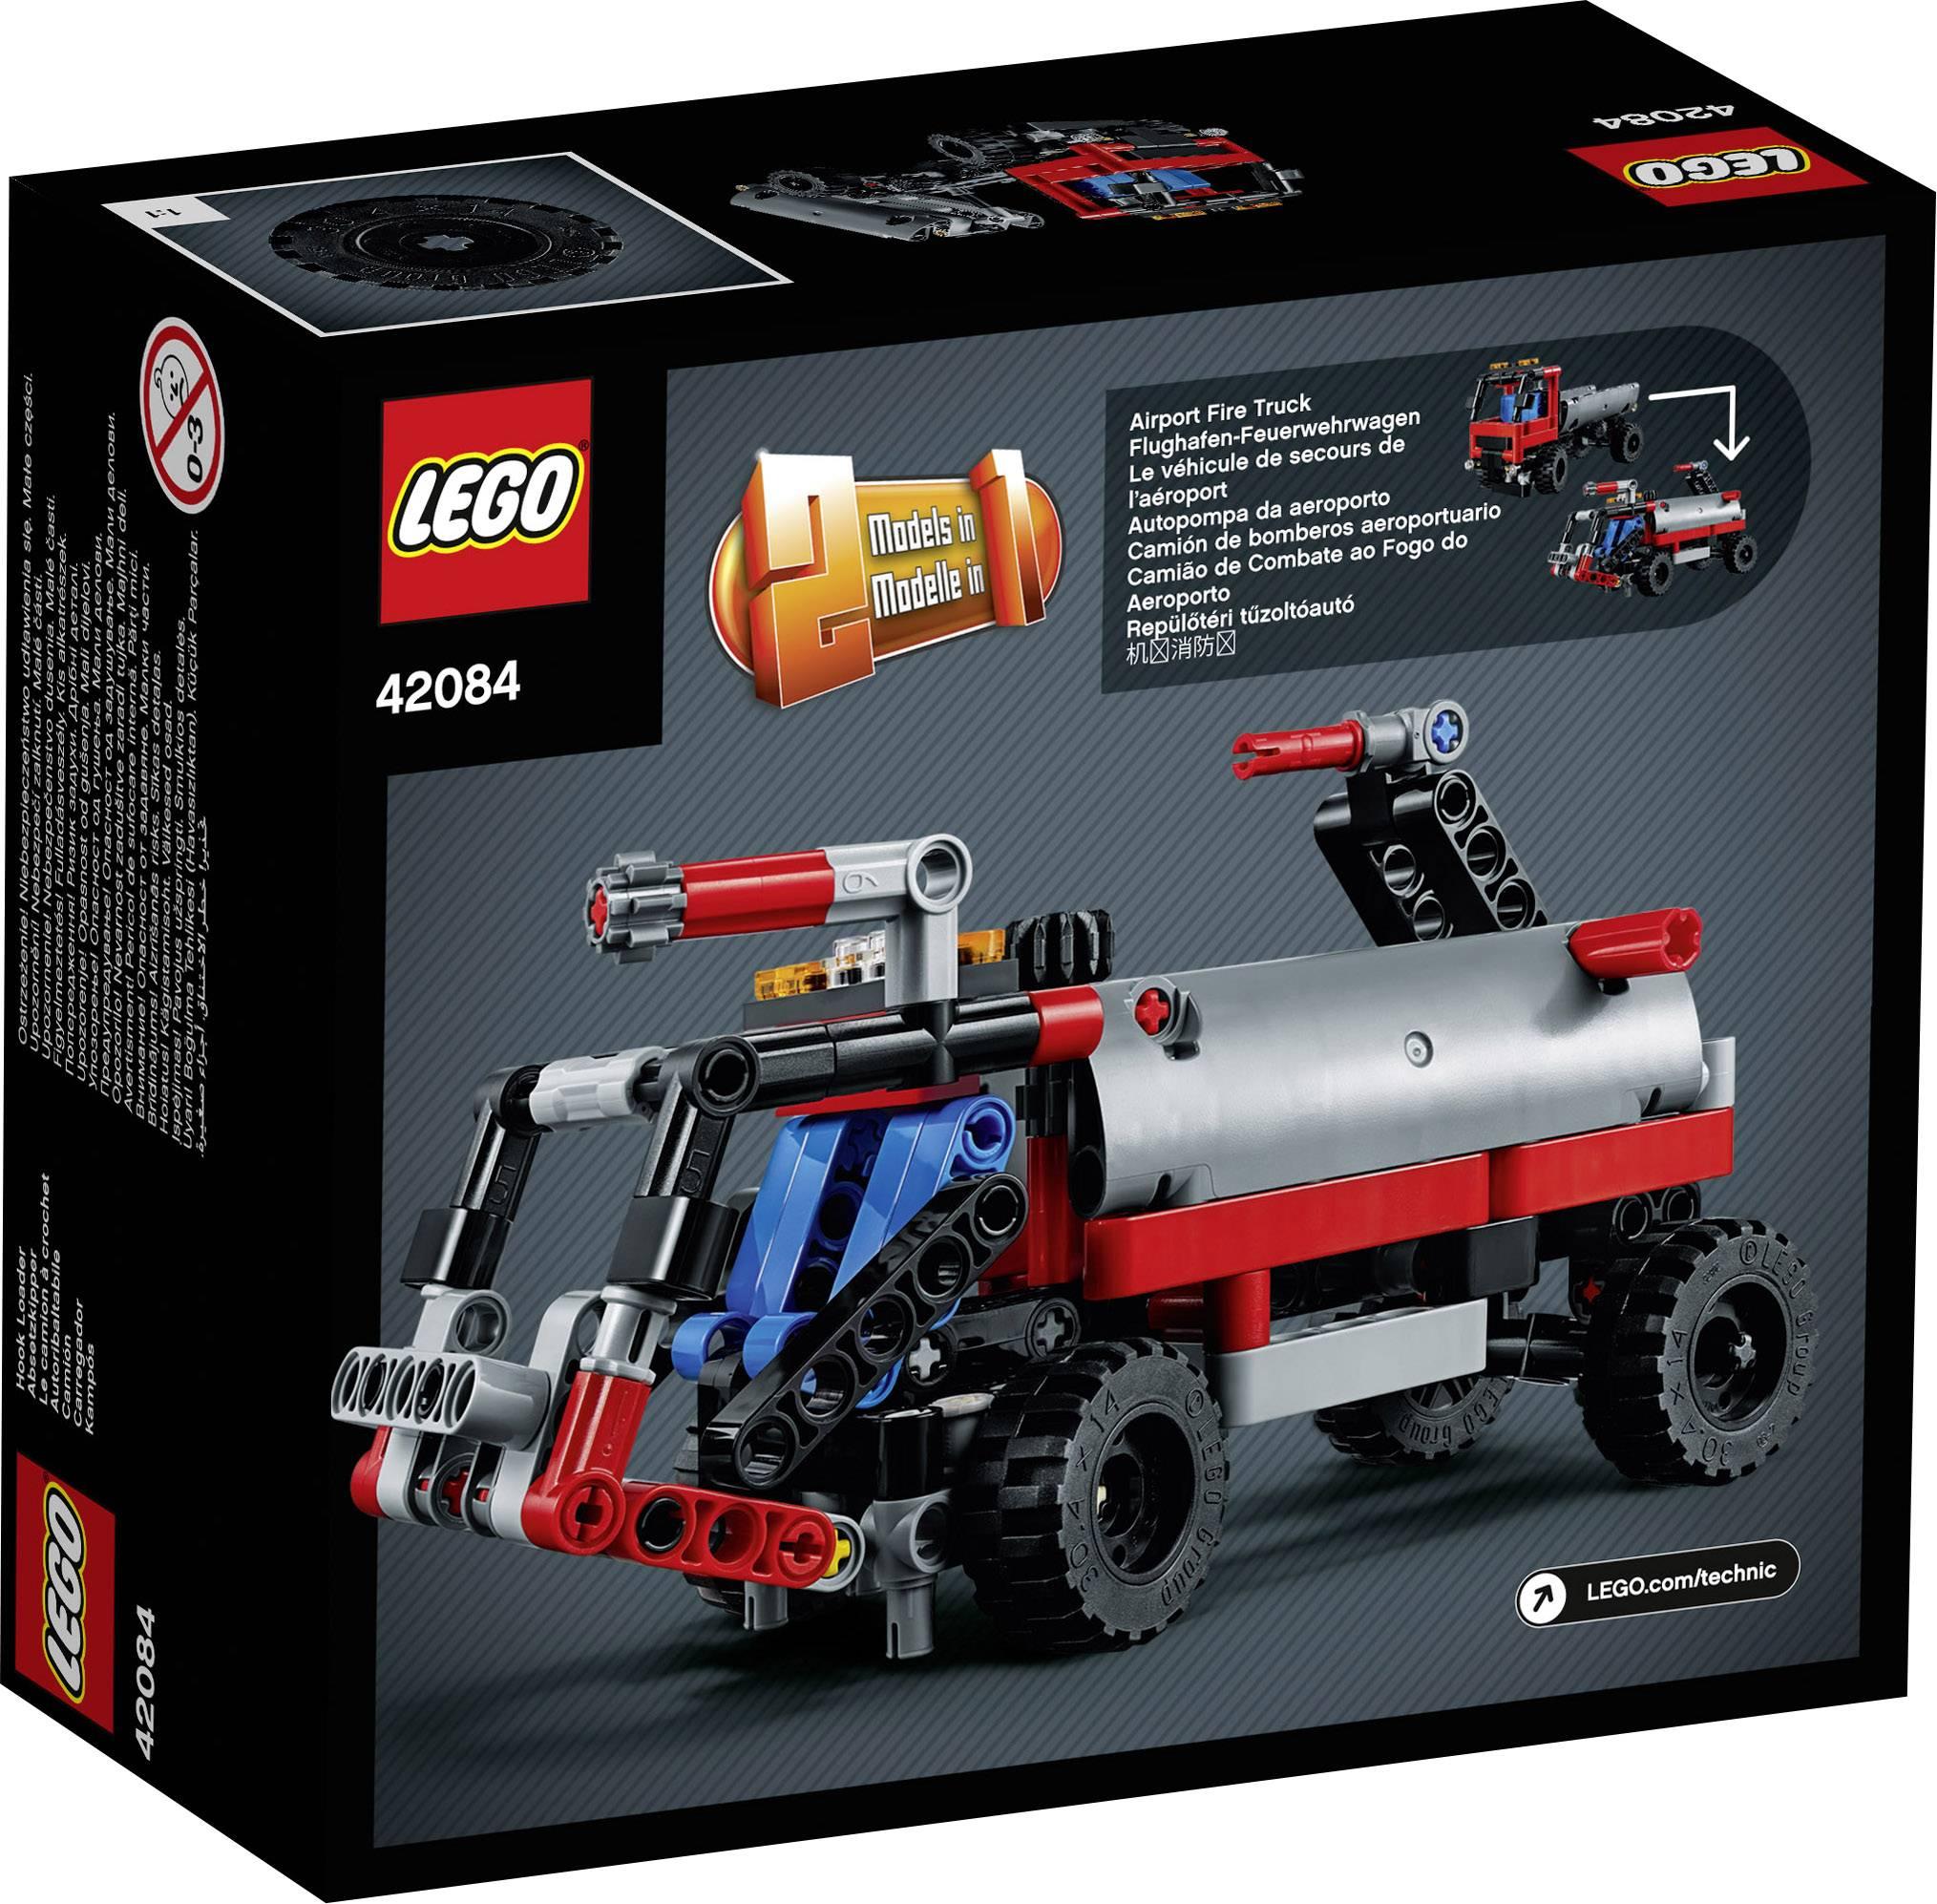 Aeroporto Lego : Lego technic from conrad electronic uk